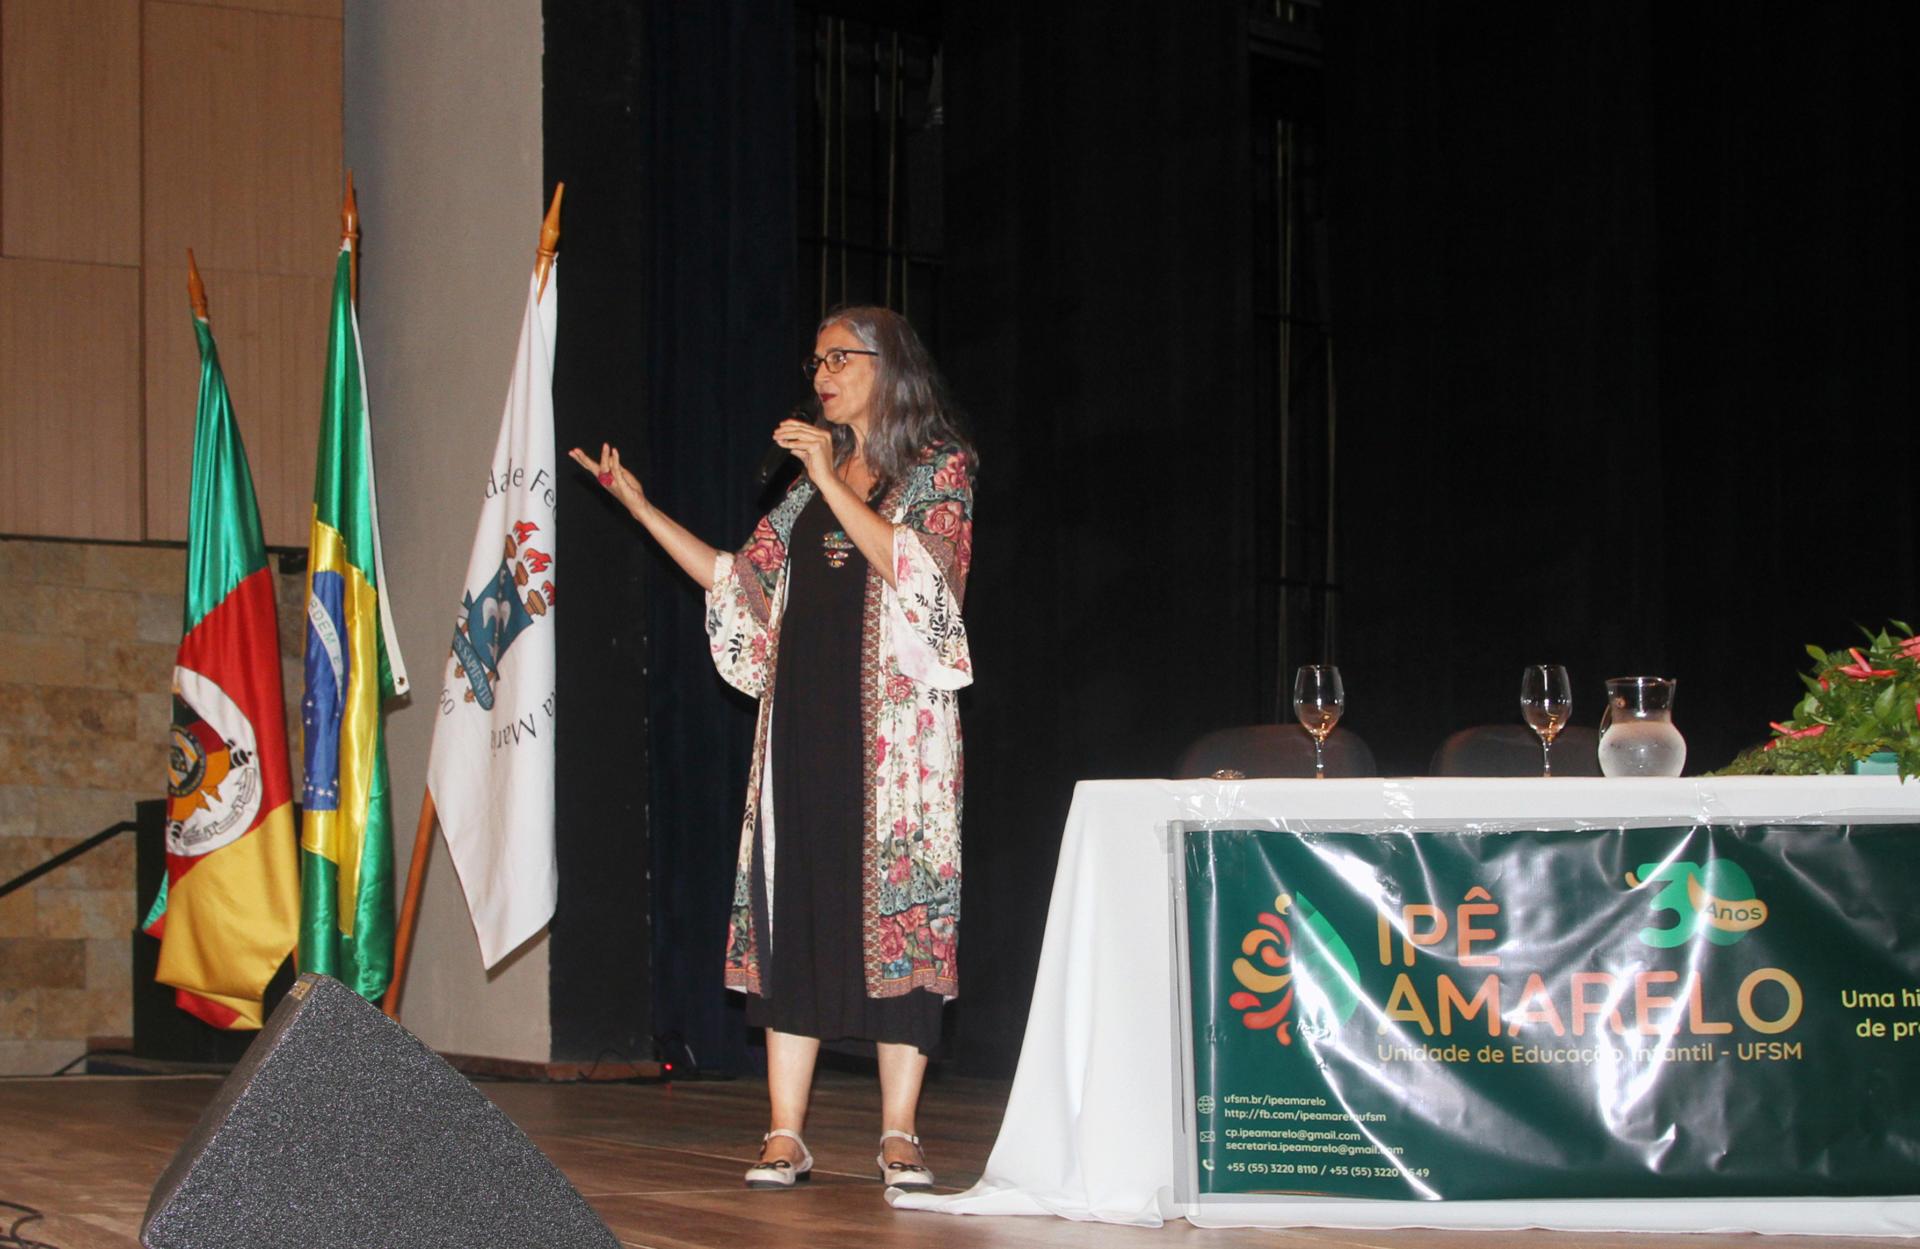 Foto colorida horizontal mostra uma pulher no palco do evento, ao lado de bandeiras e da mesa oficial com copos e um banner do evento. Ela fala ao microfone e gesticula com a outra mão